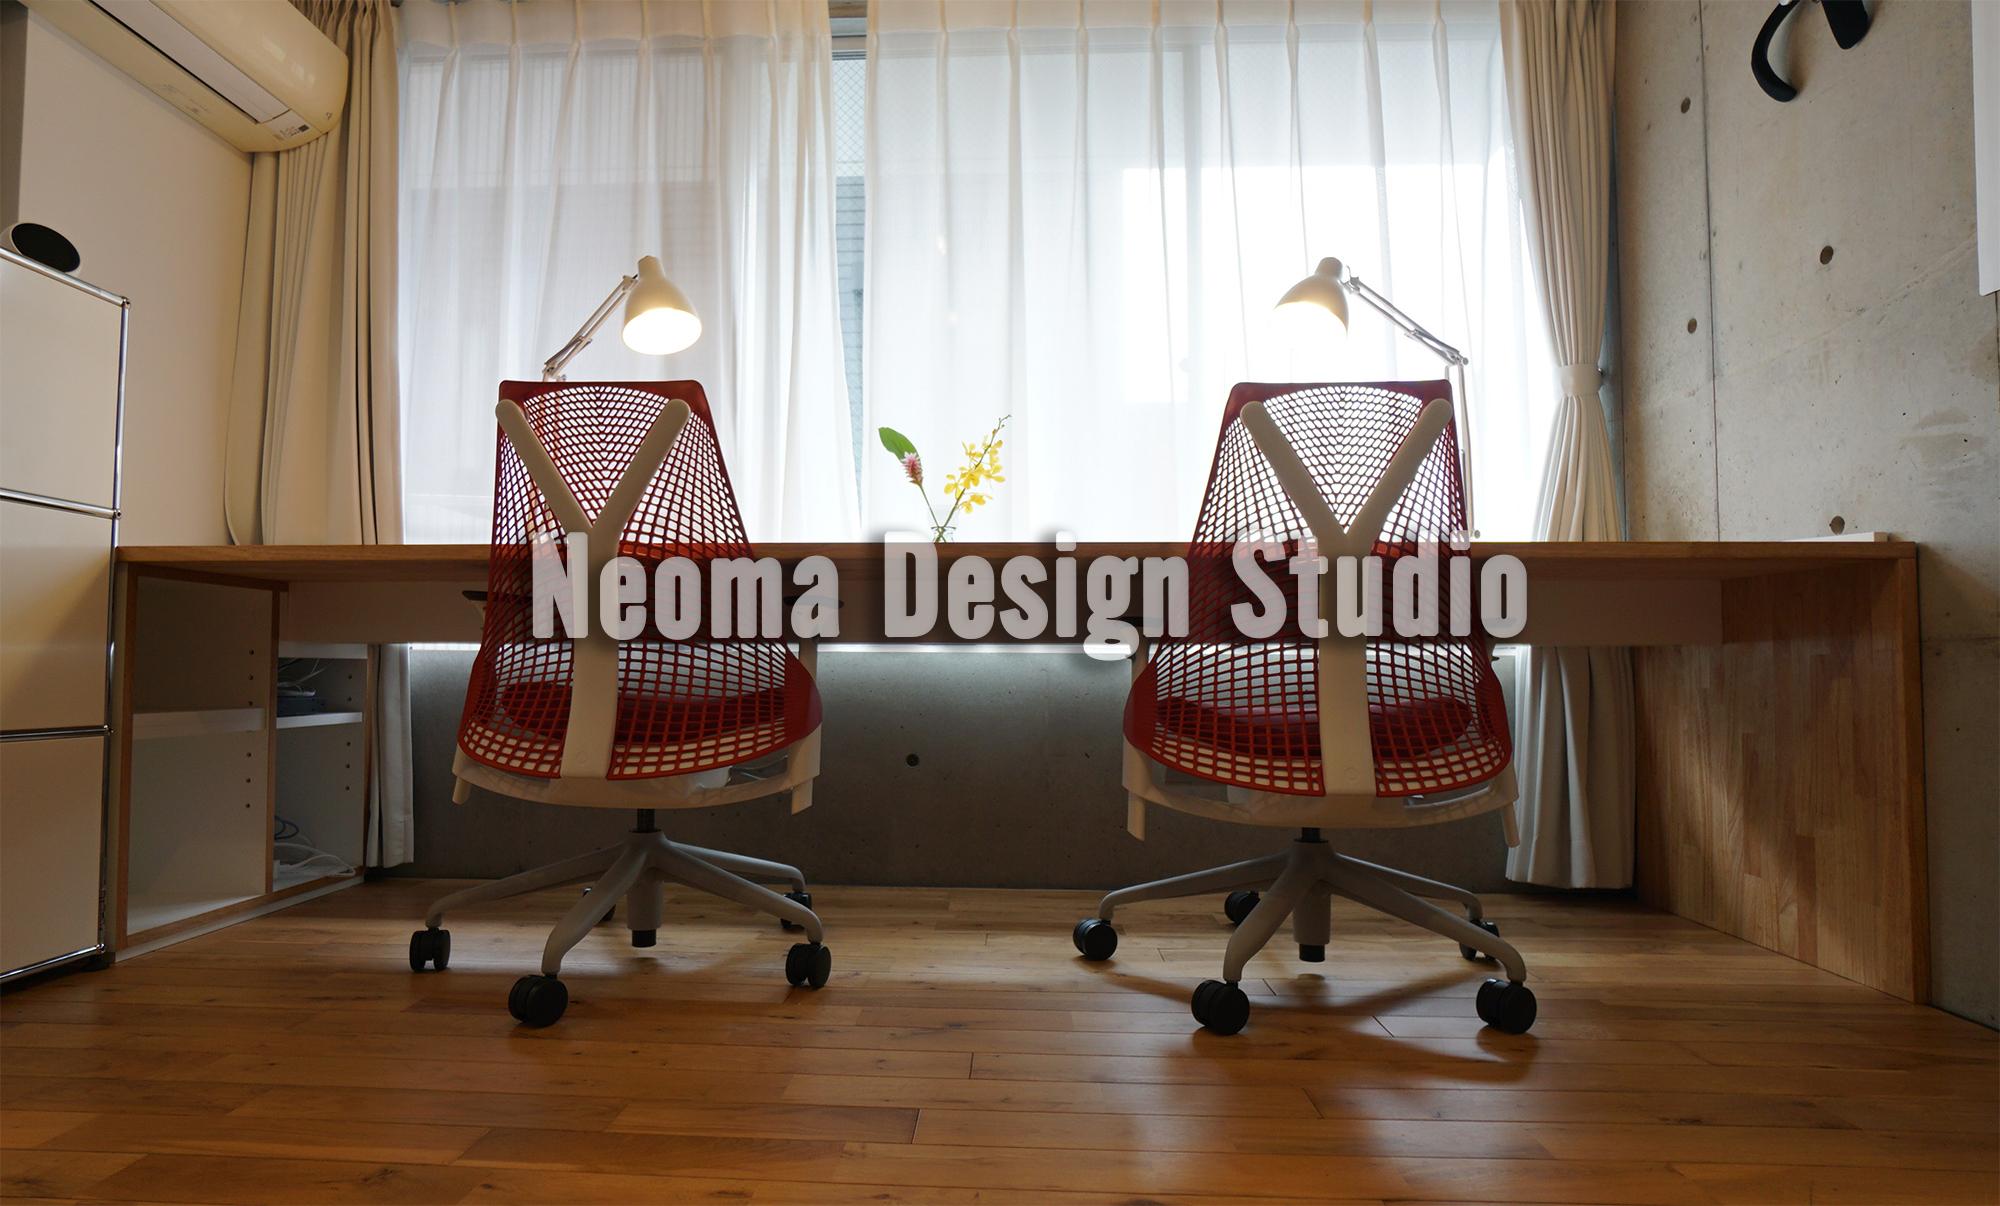 スタジオ(新オフィス)を開設しました